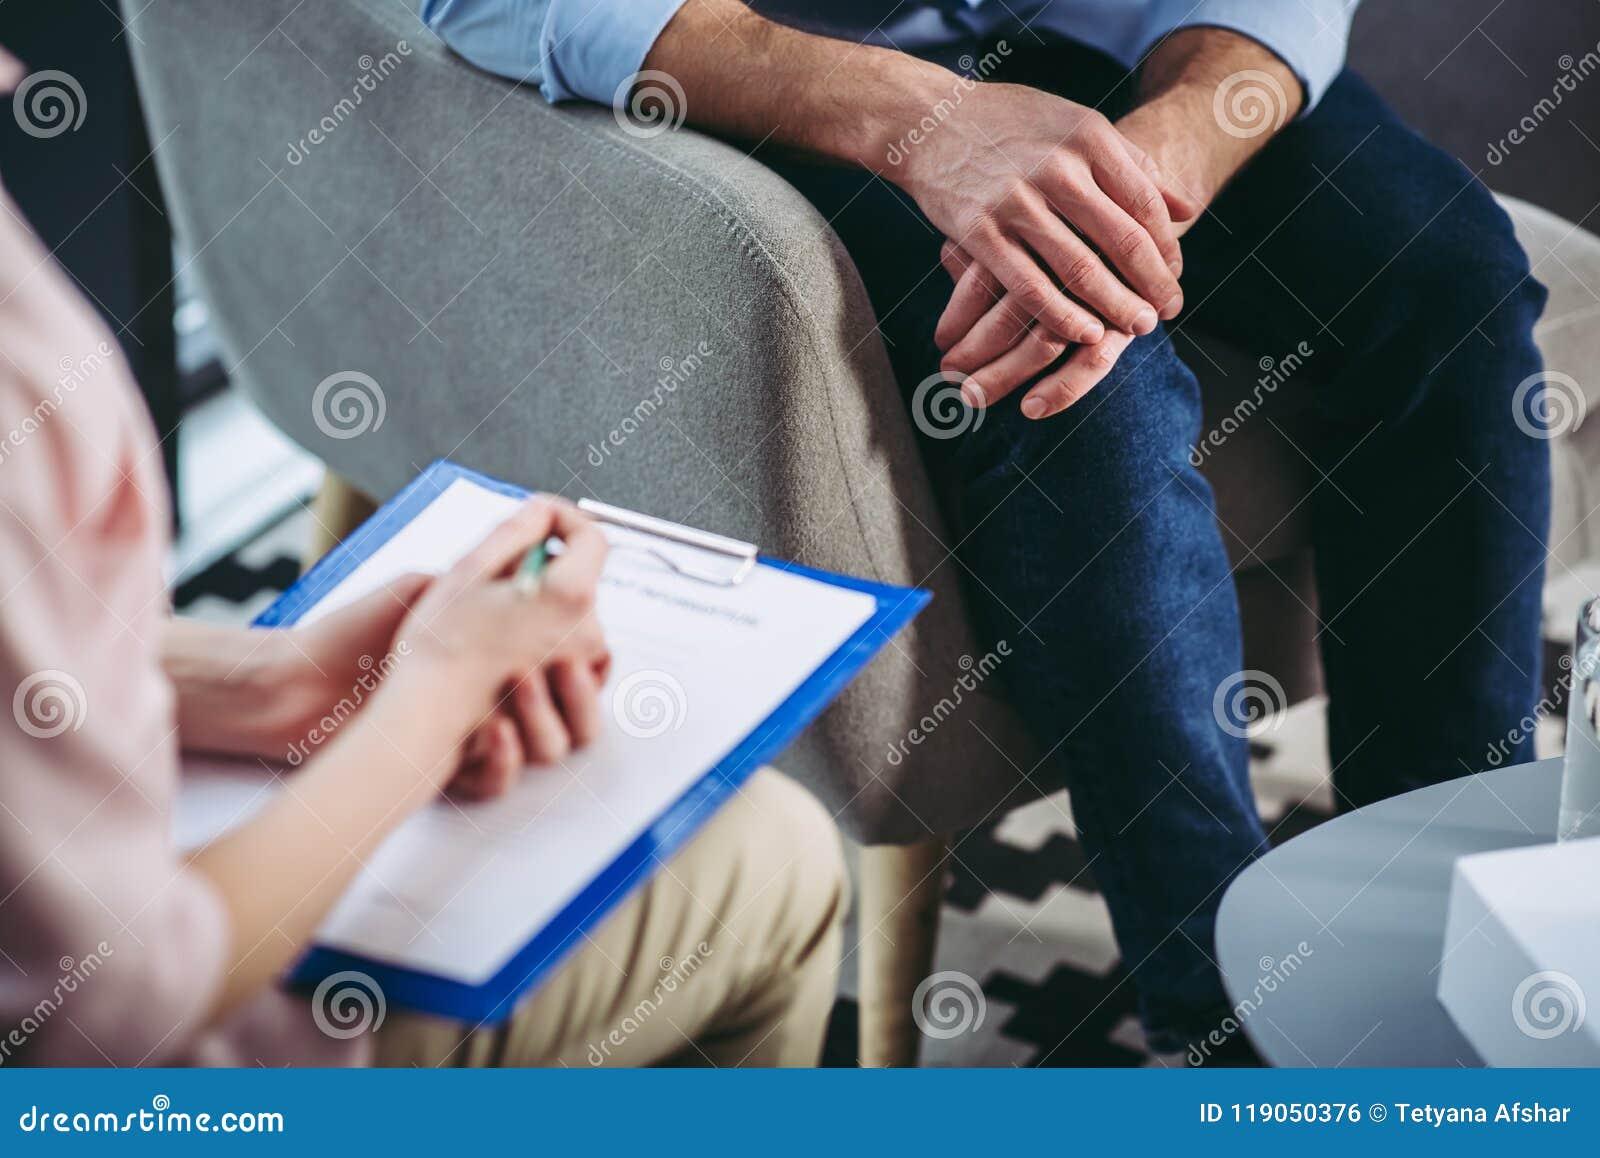 Psychologue faisant des notes